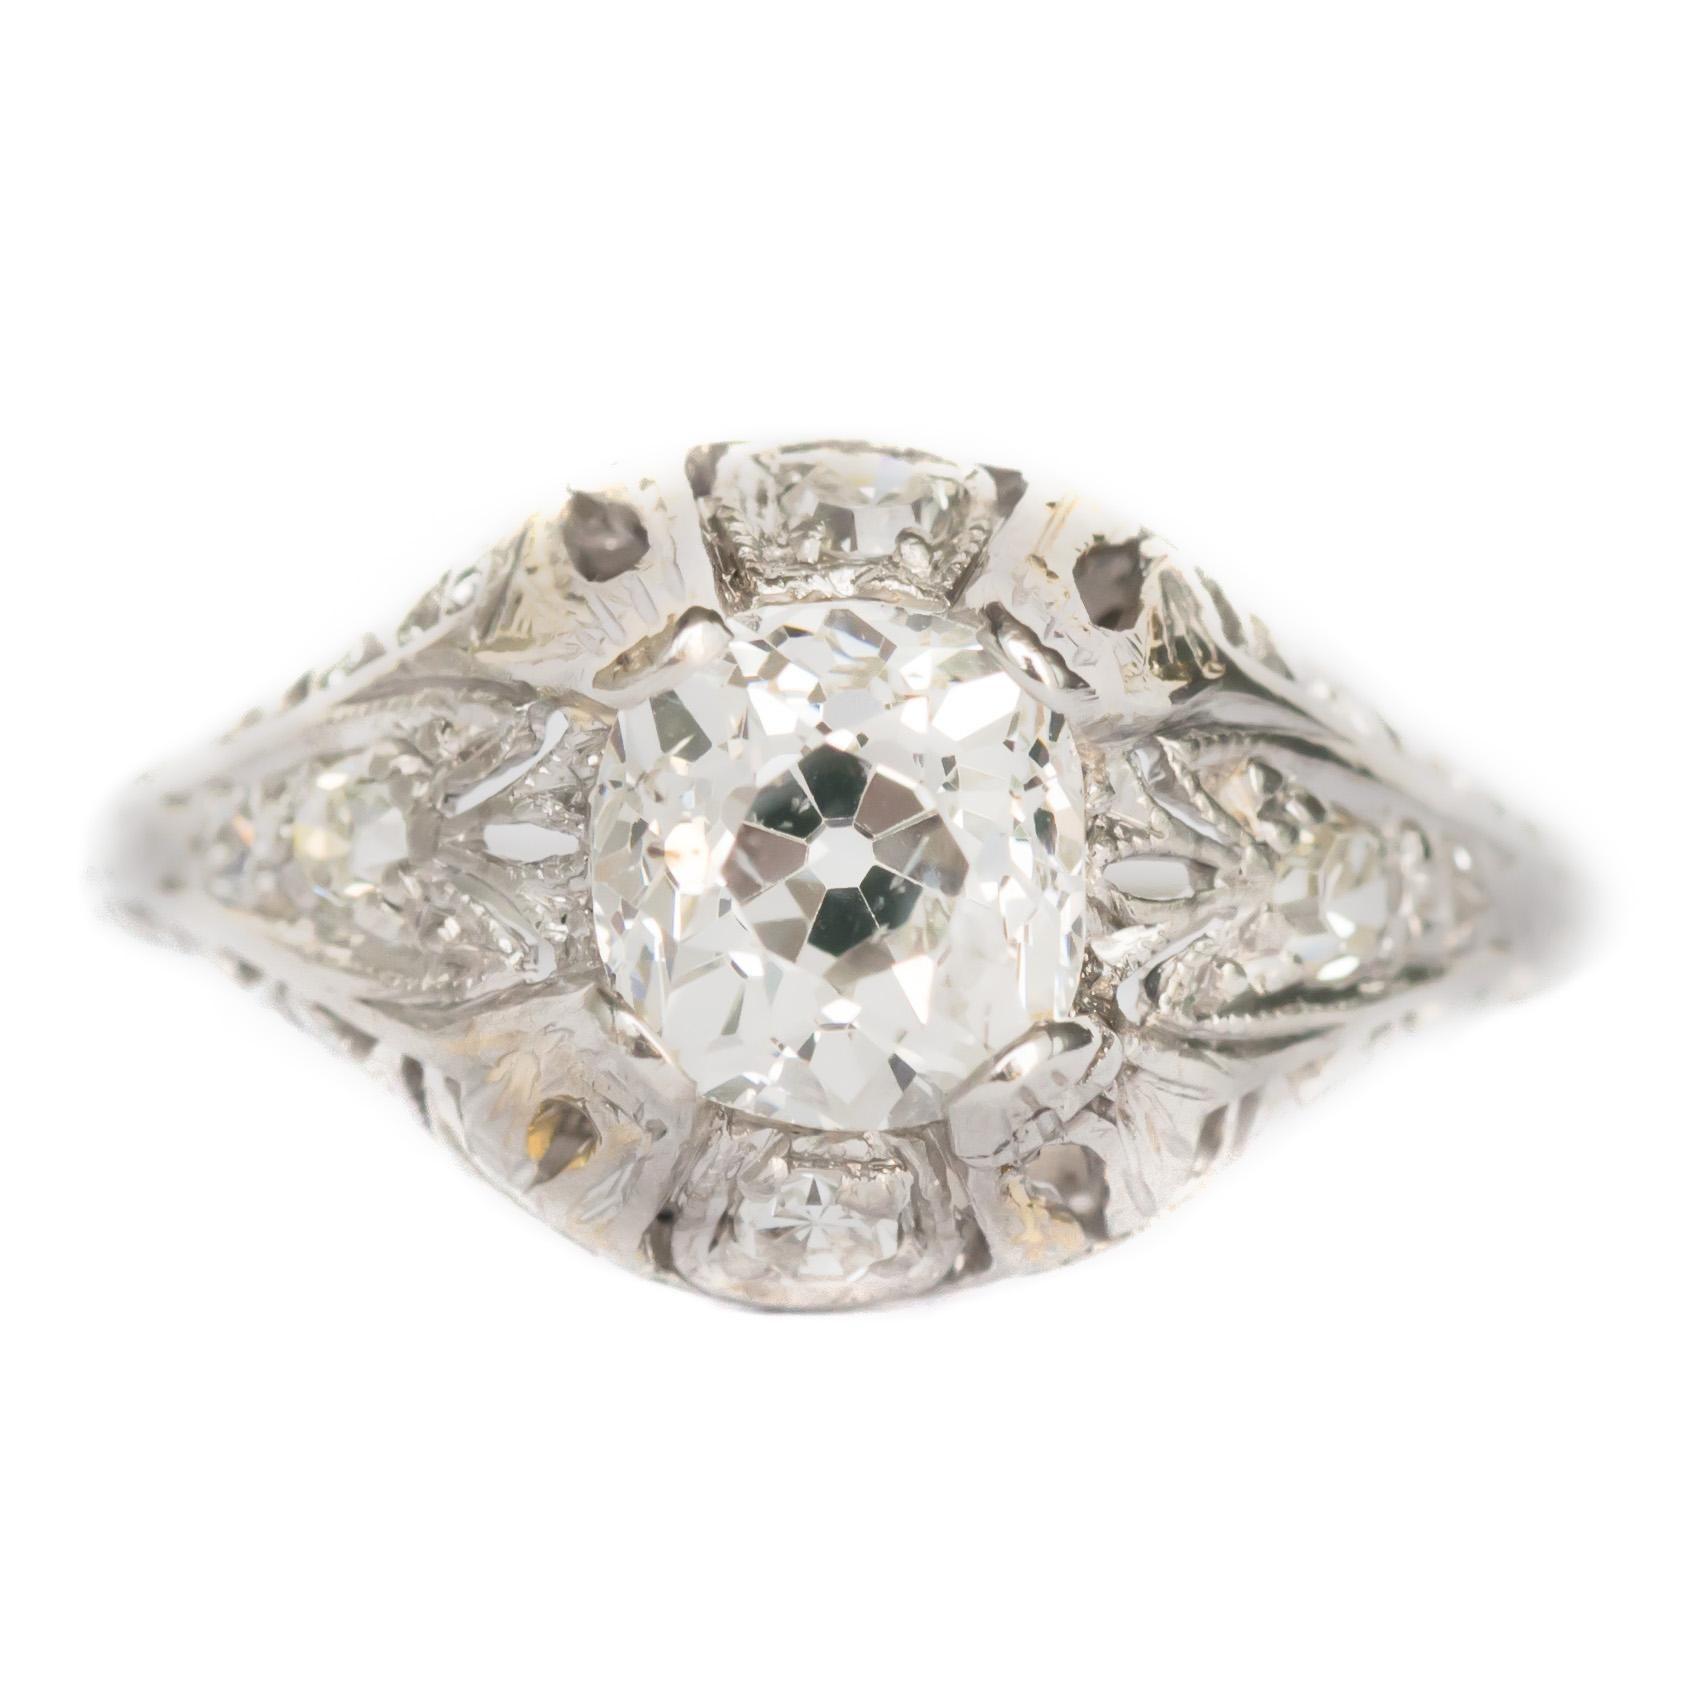 1.06 Carat Diamond Platinum Engagement Ring